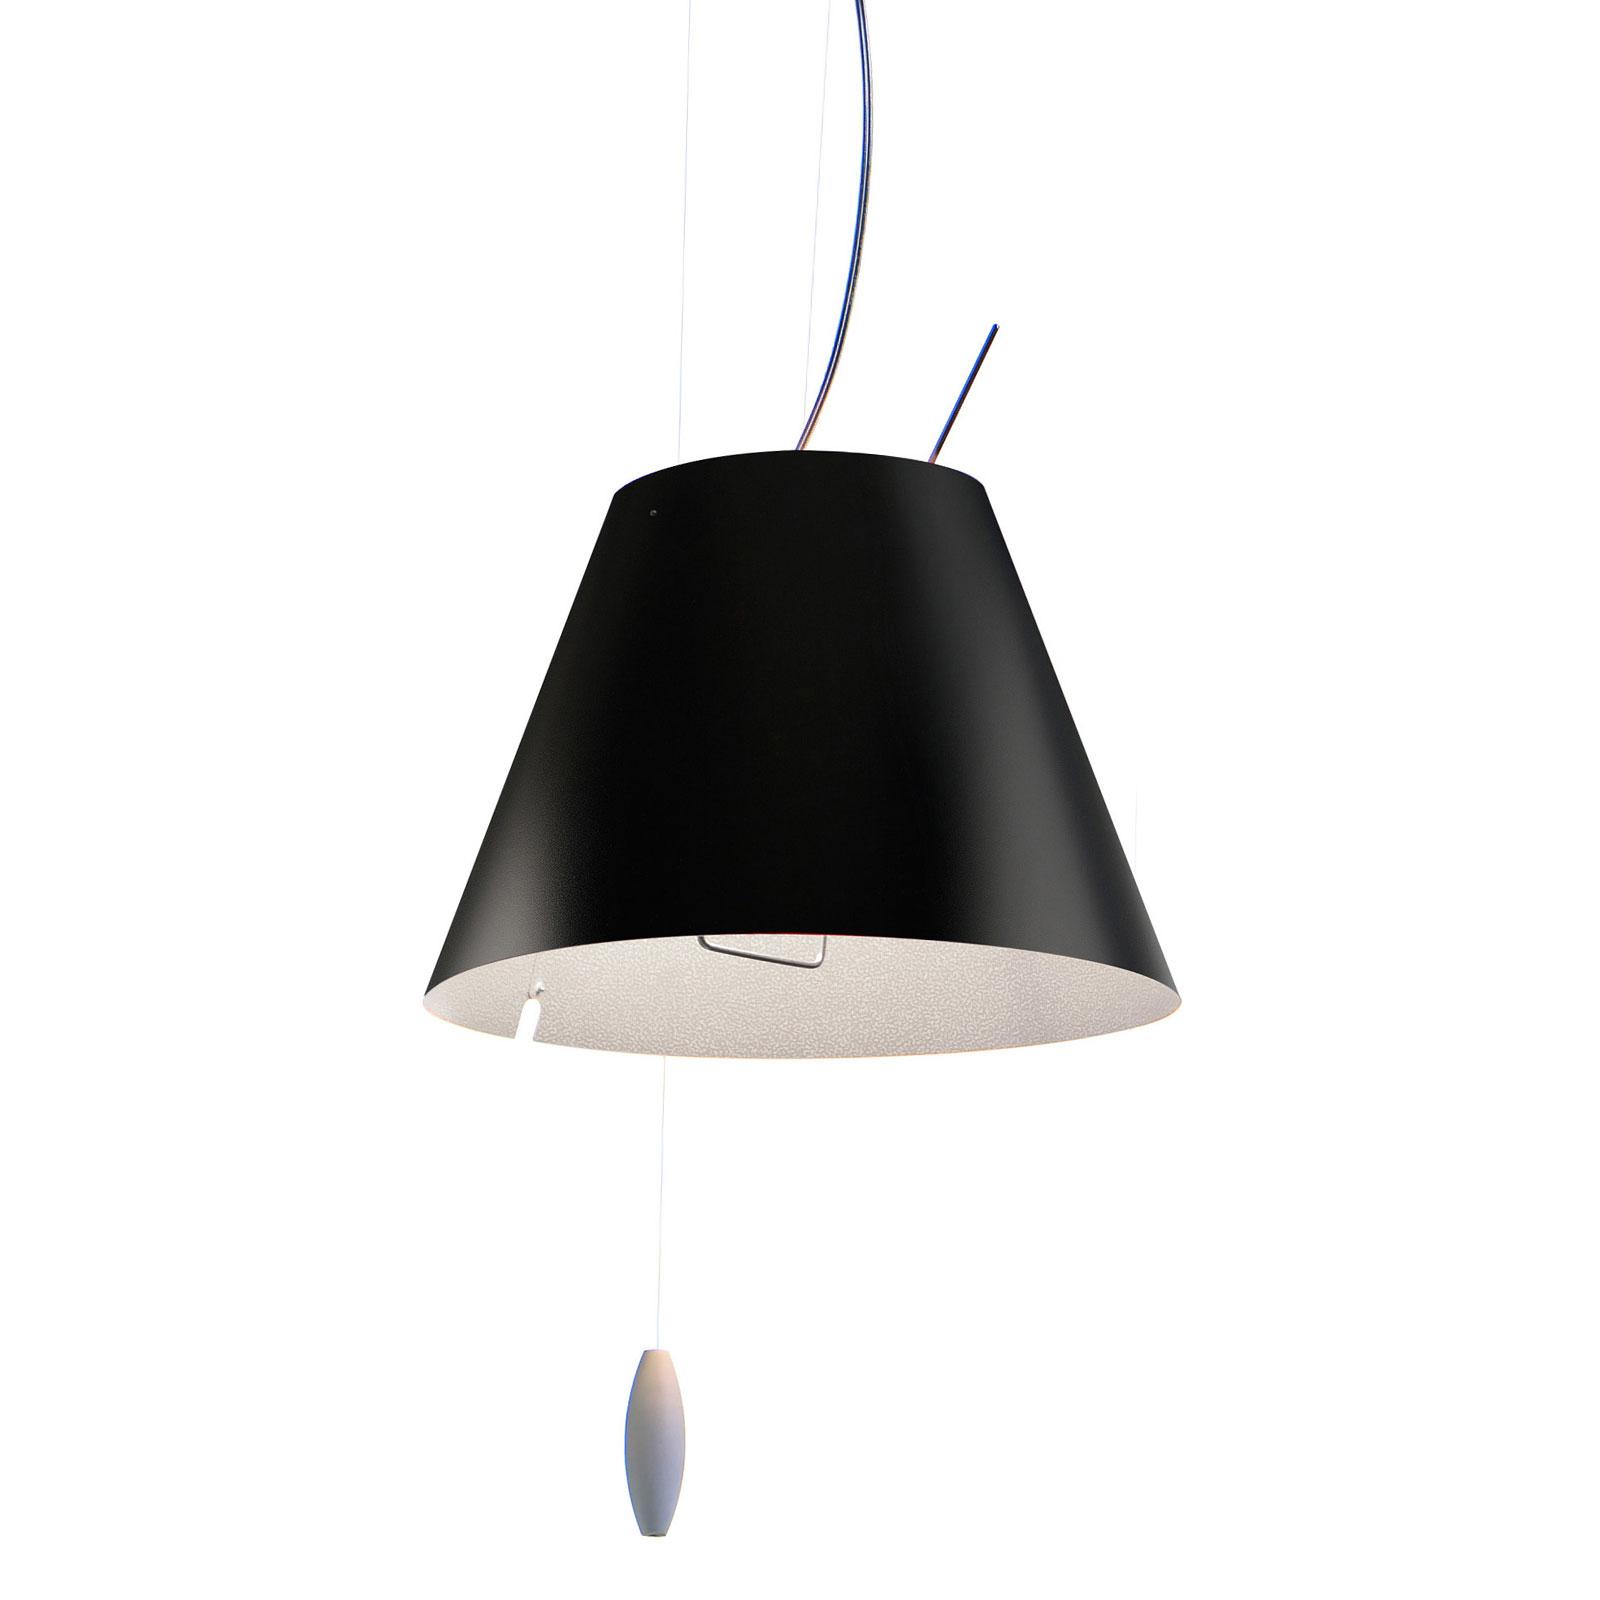 Luceplan Costanzina lampa wisząca czarna